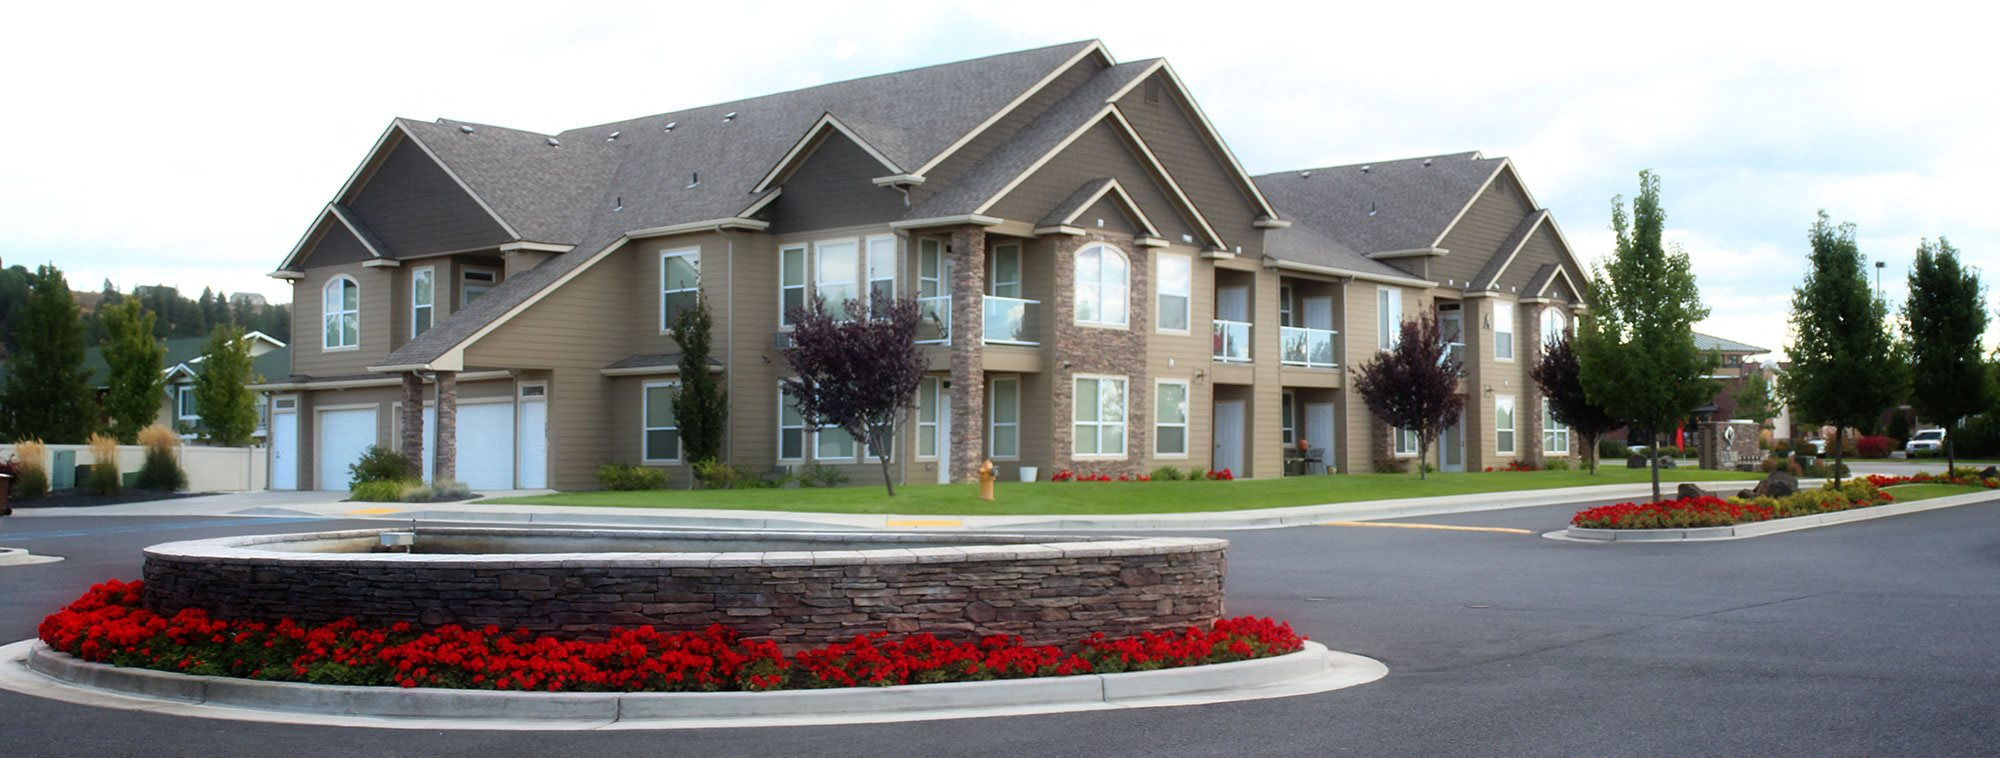 The Lusitano Apartments Apartments In Spokane Wa